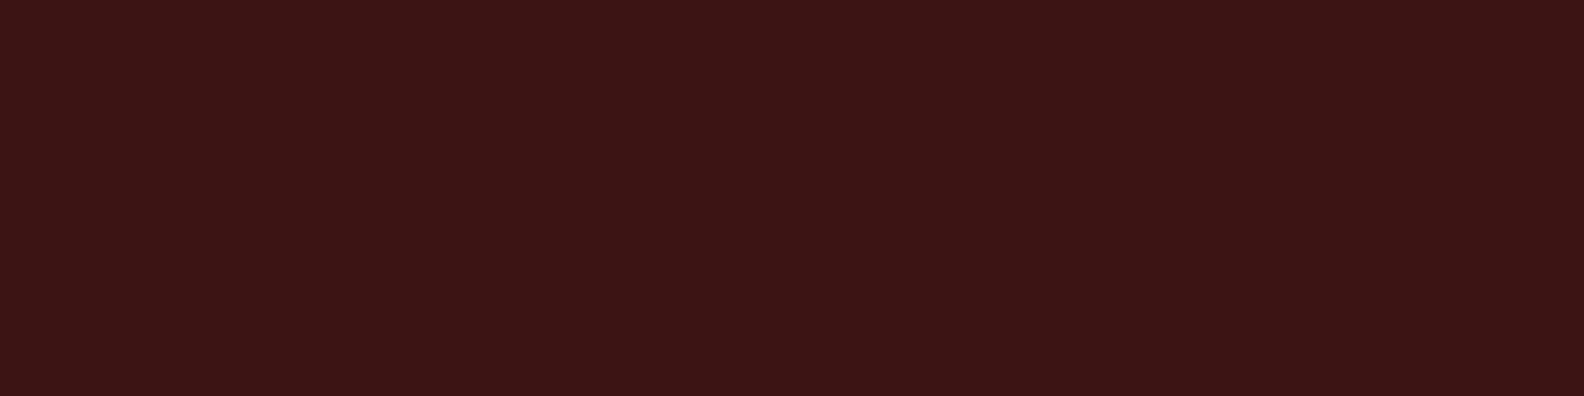 1584x396 Dark Sienna Solid Color Background